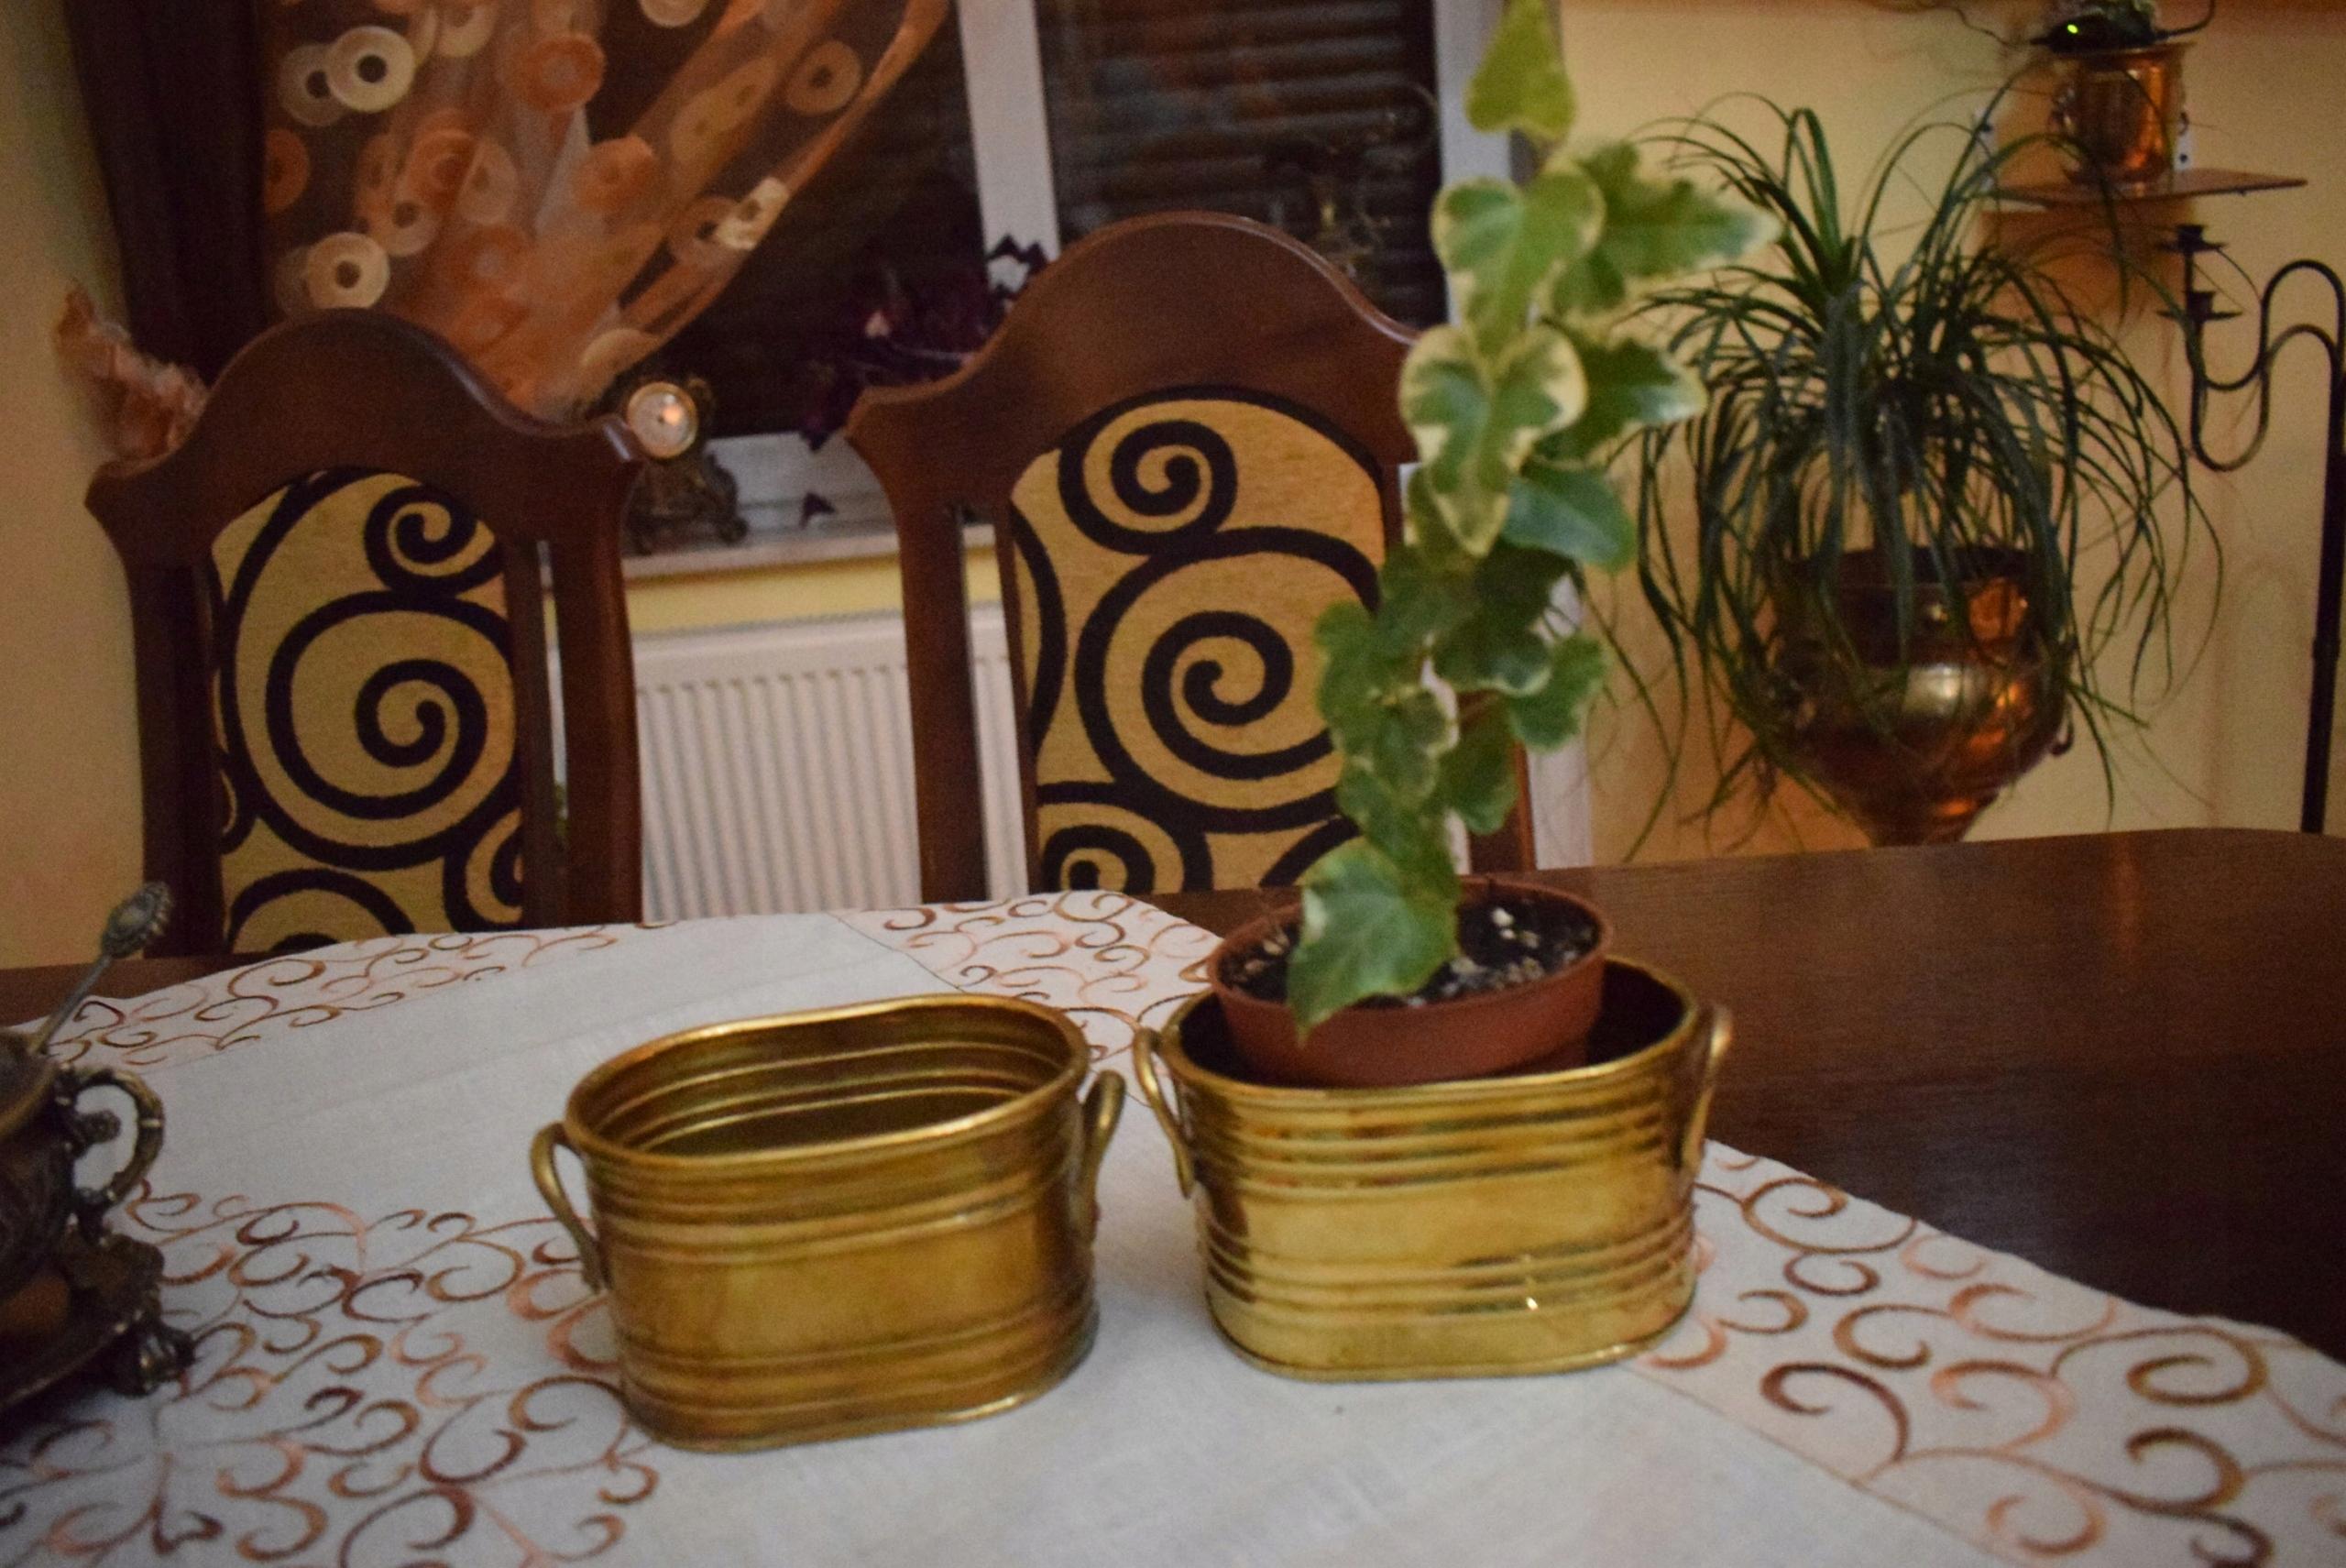 Kpl2sztowalne Małe Doniczki Z Mosiądzu Kaktus